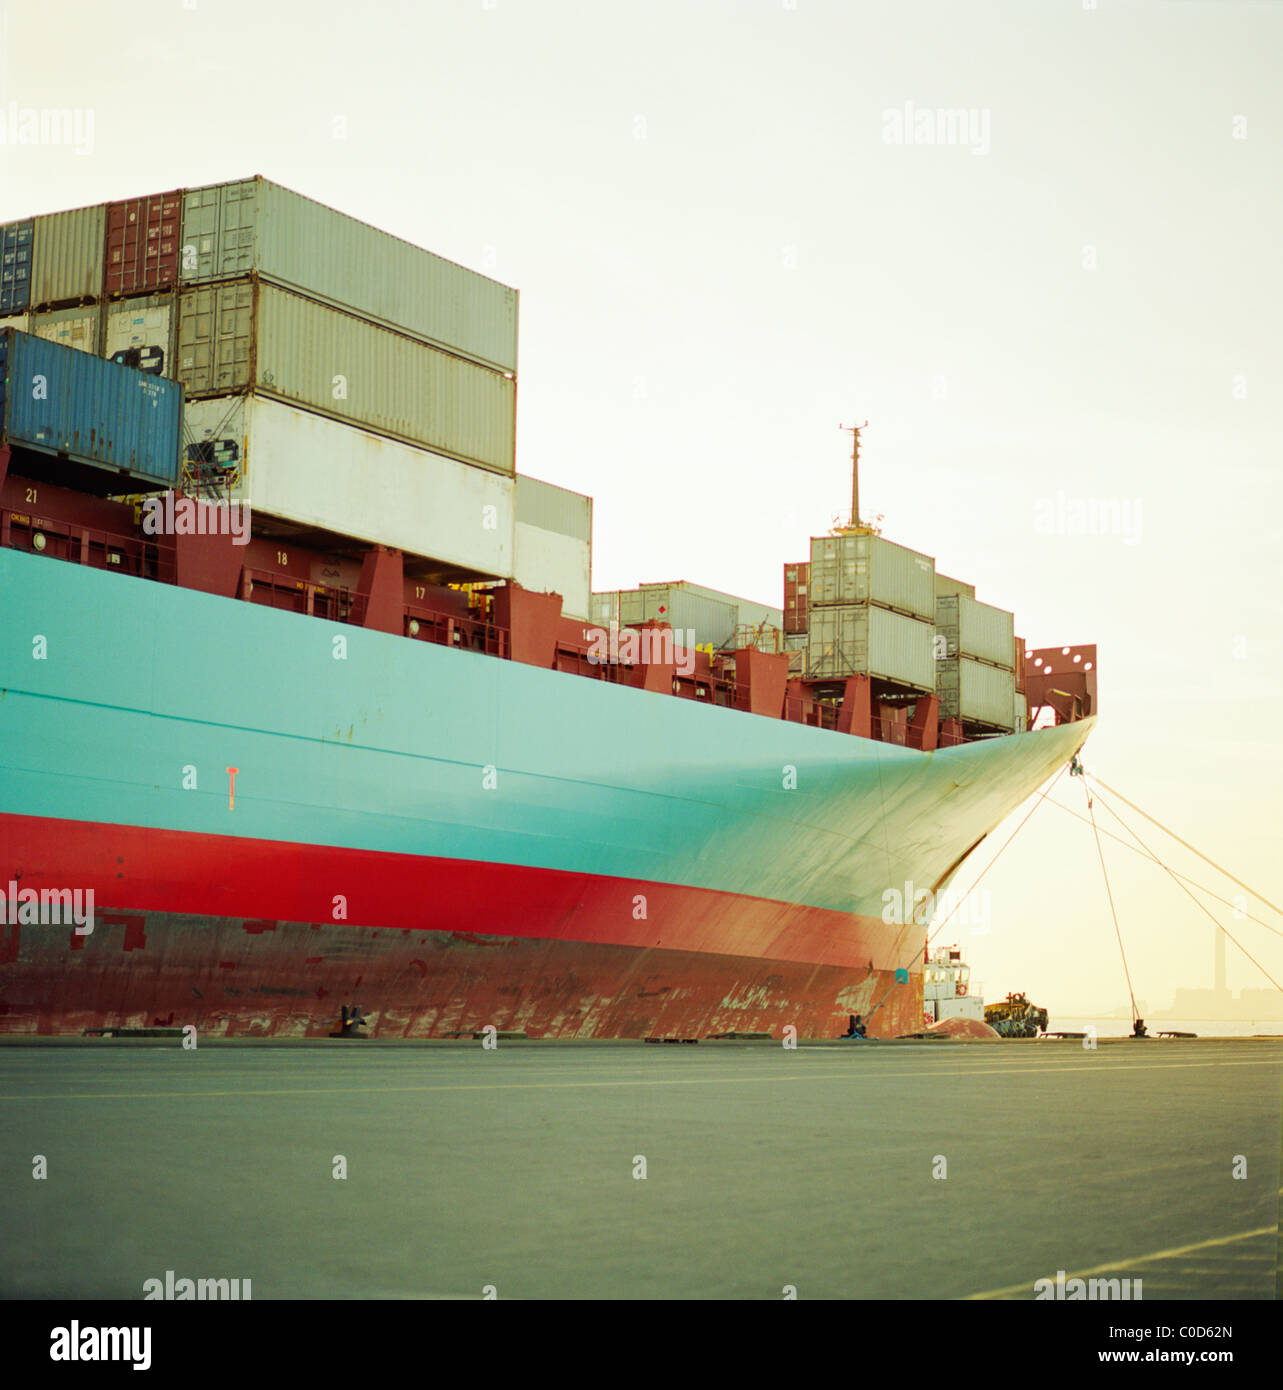 Un barco de contenedores en el muelle de espera totalmente cargado Imagen De Stock